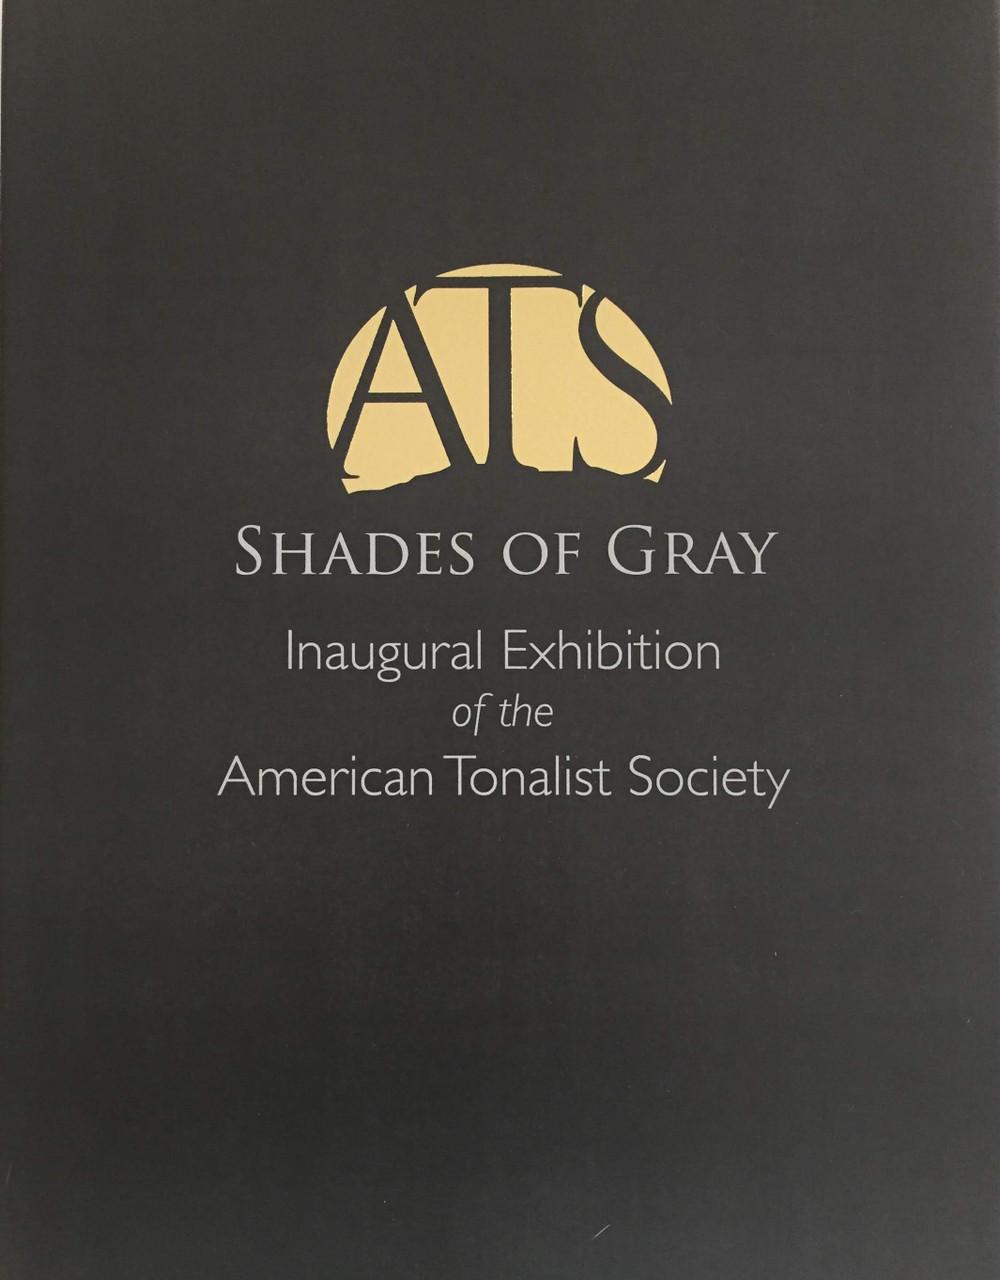 American Tonalist Society Shades of Gray Catalog